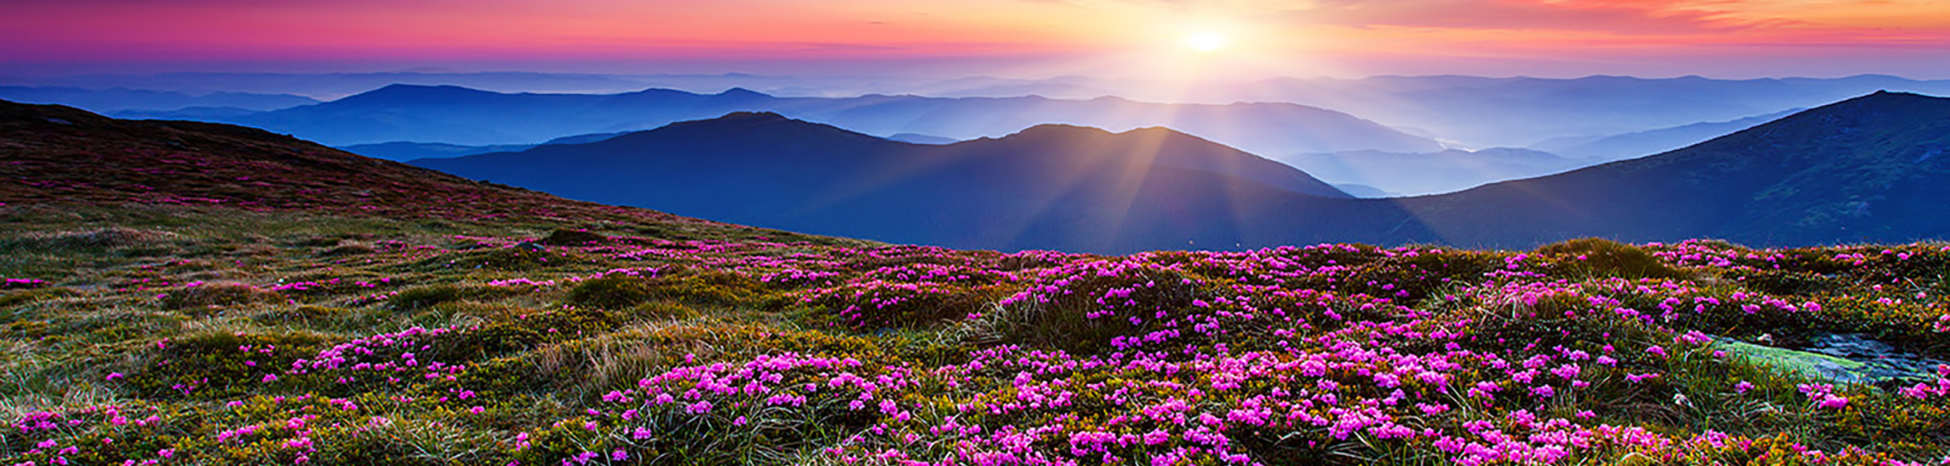 Carpathian Mountains 2